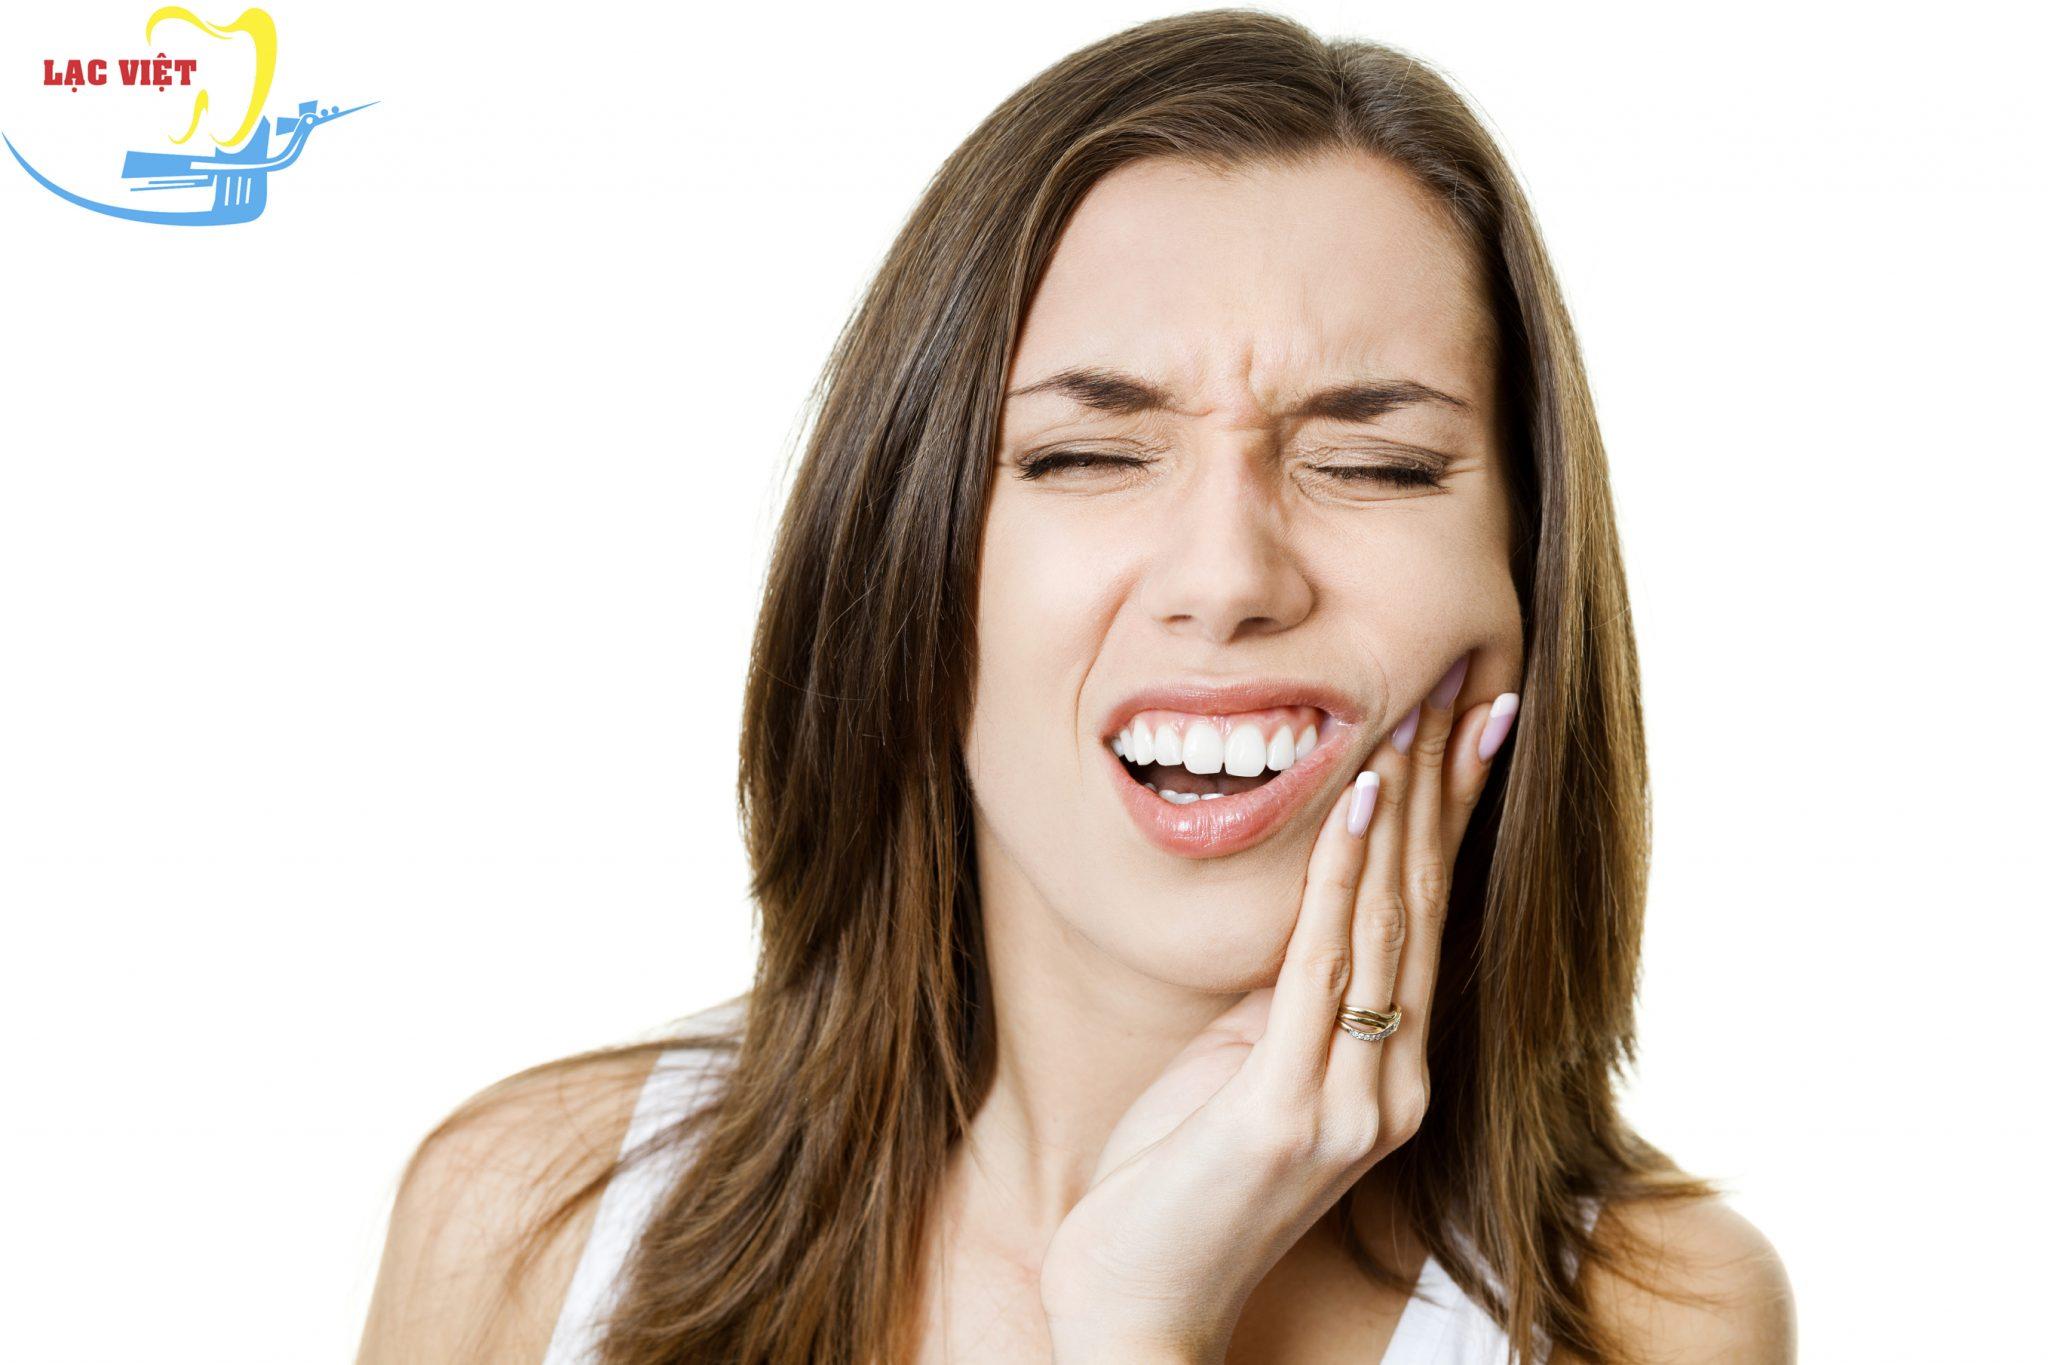 Làm thế nào để hết đau răng